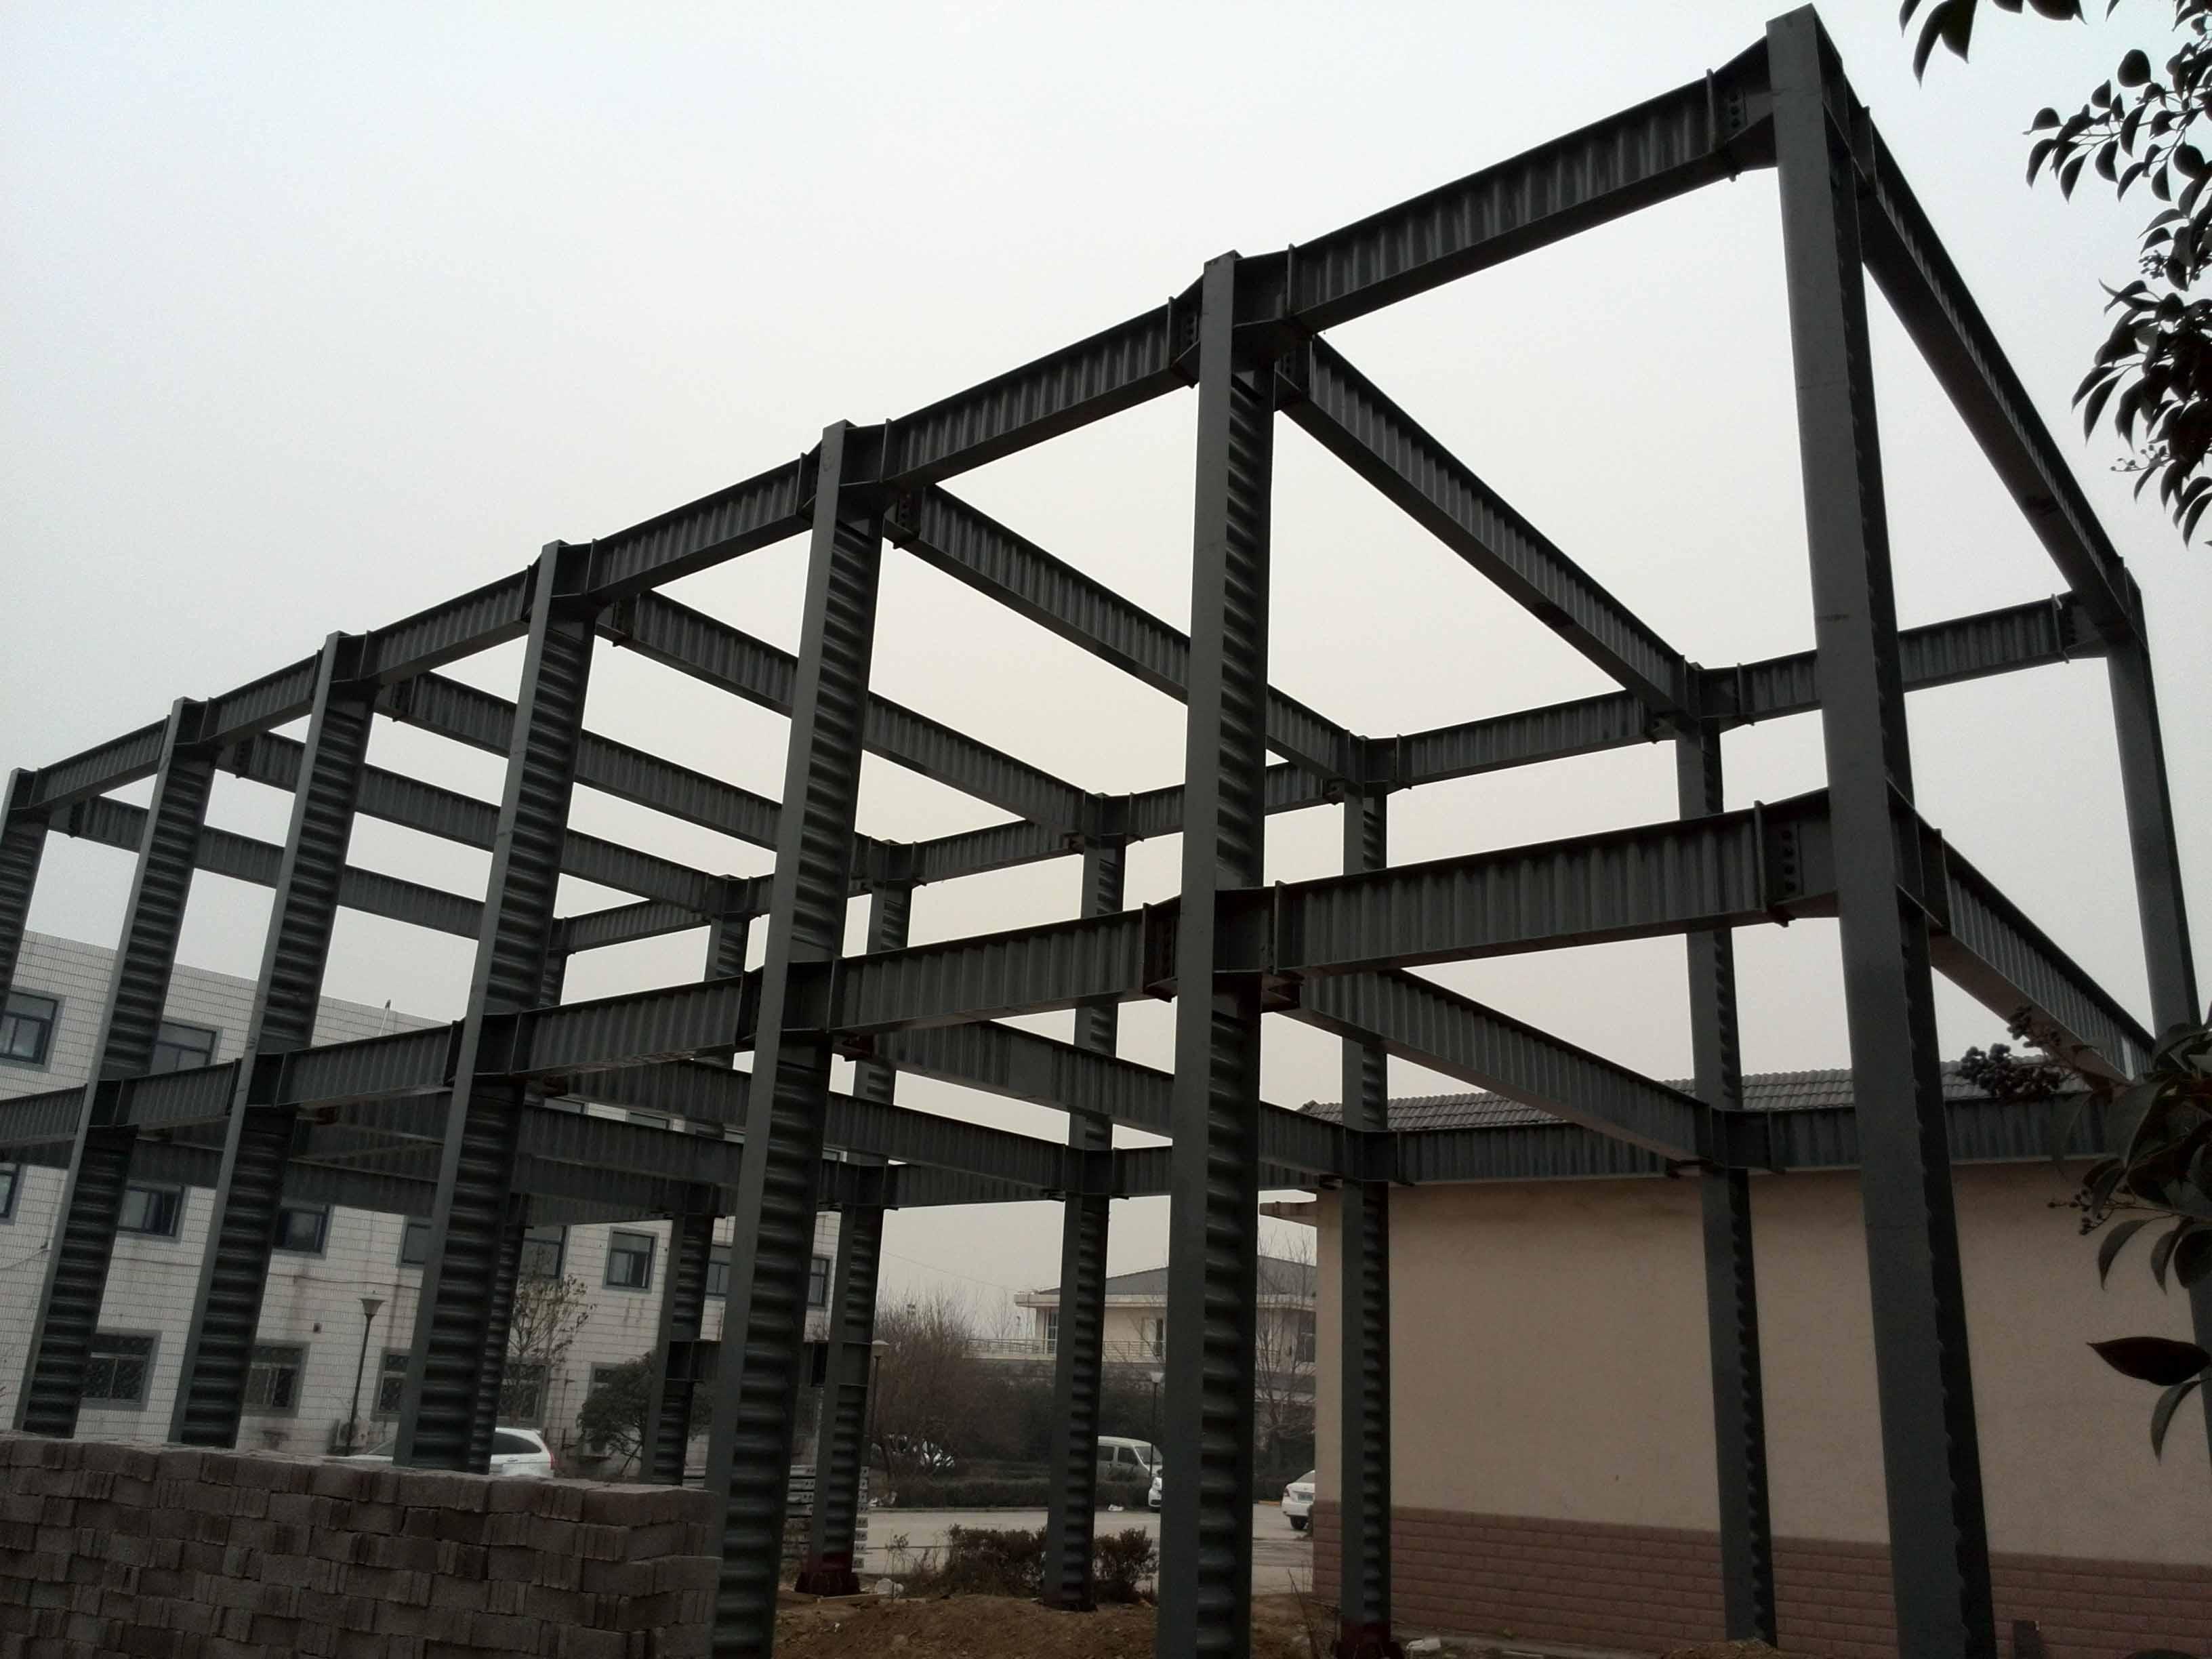 钢结构雨棚计算_广东揭阳专业承接钢结构,幕墙,网架,膜结构,玻璃雨棚等工程